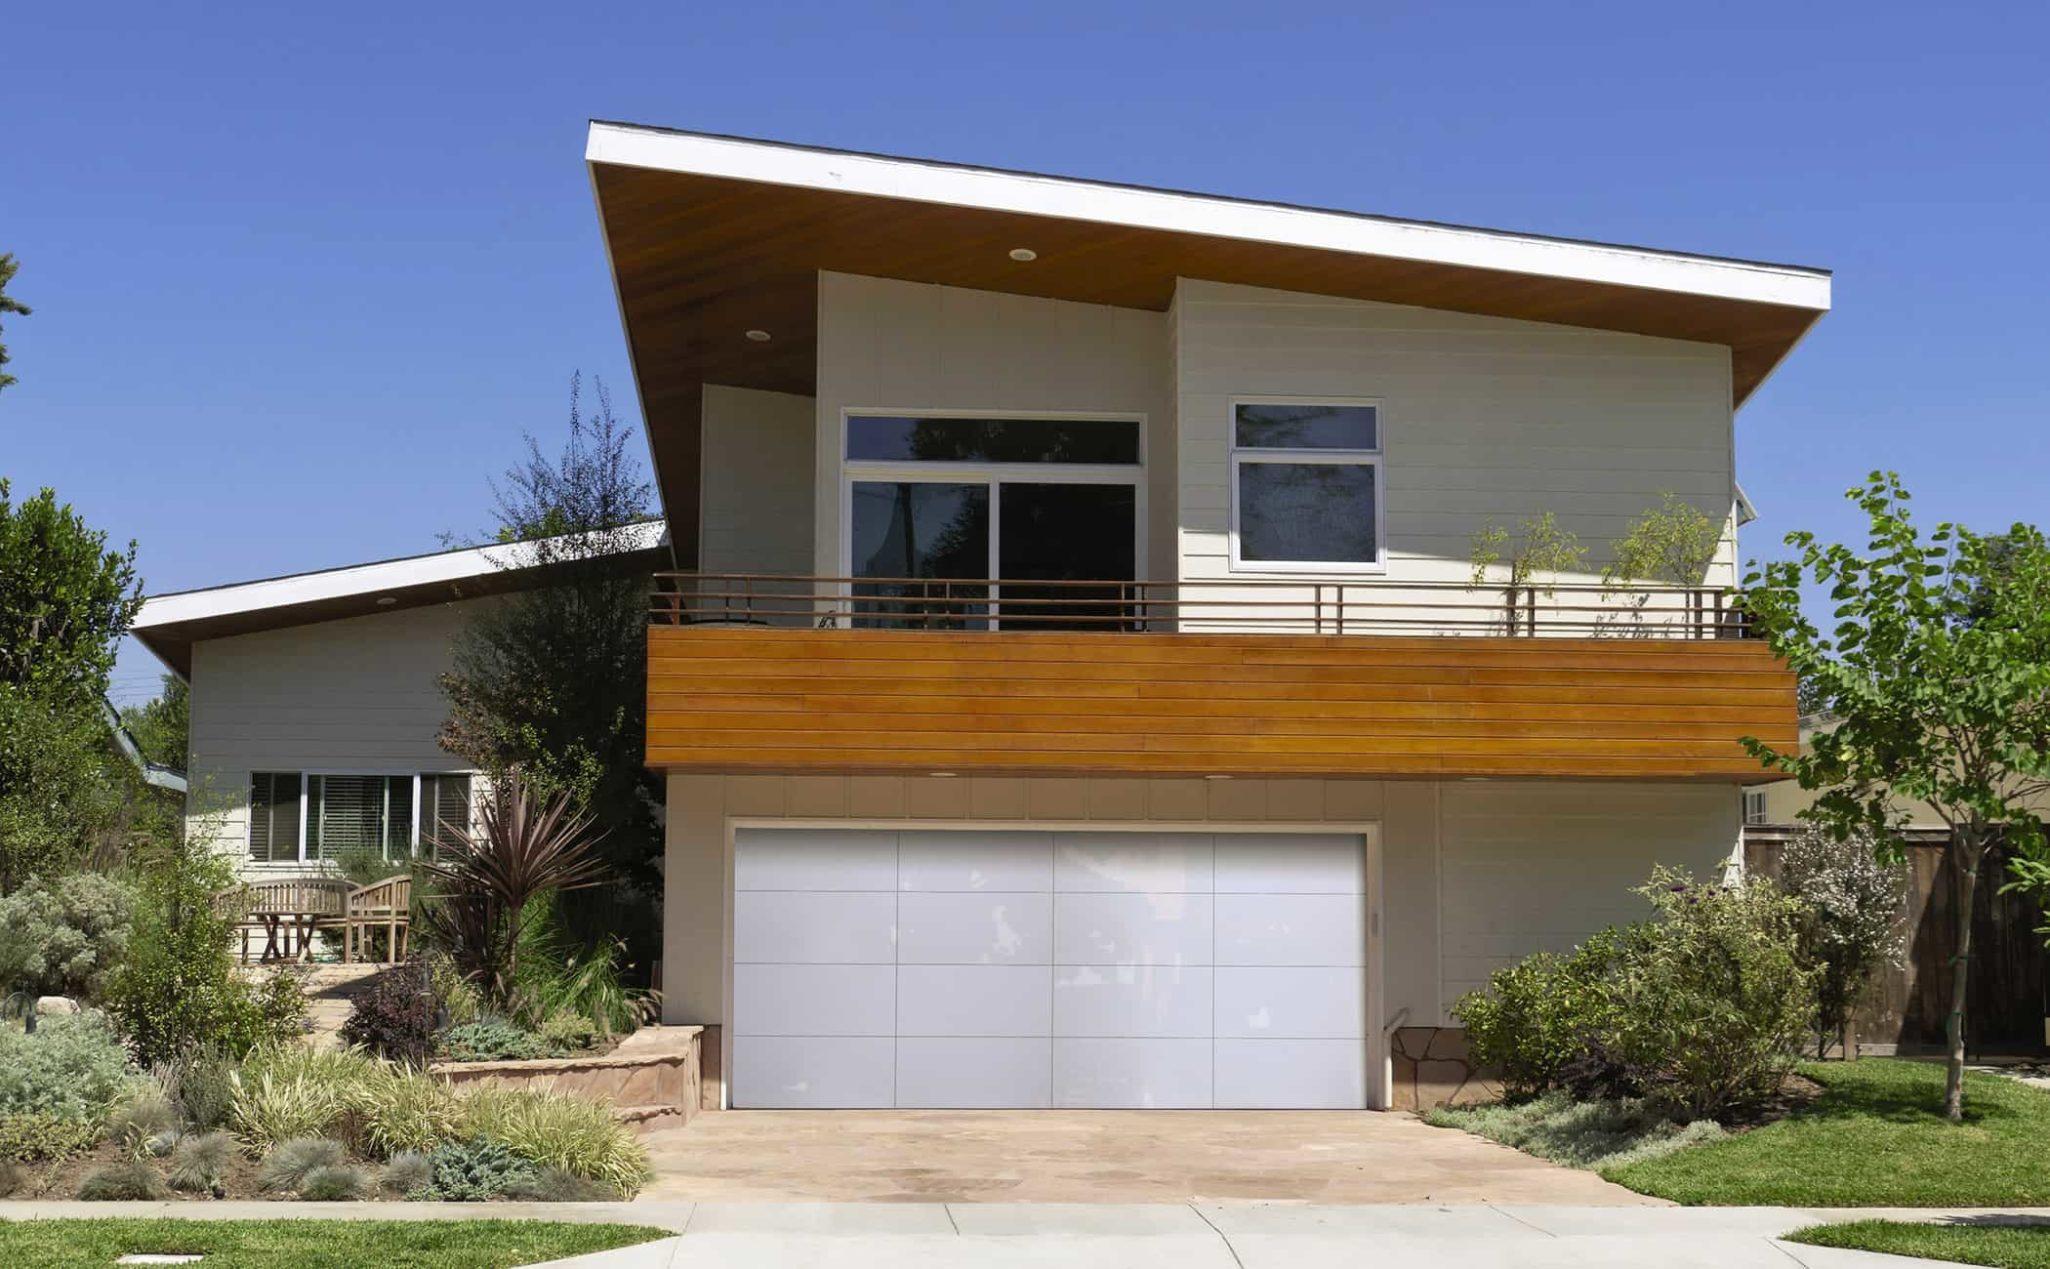 , ENVY Collection Garage Doors, Overhead Door Company of Battle Creek & Jackson